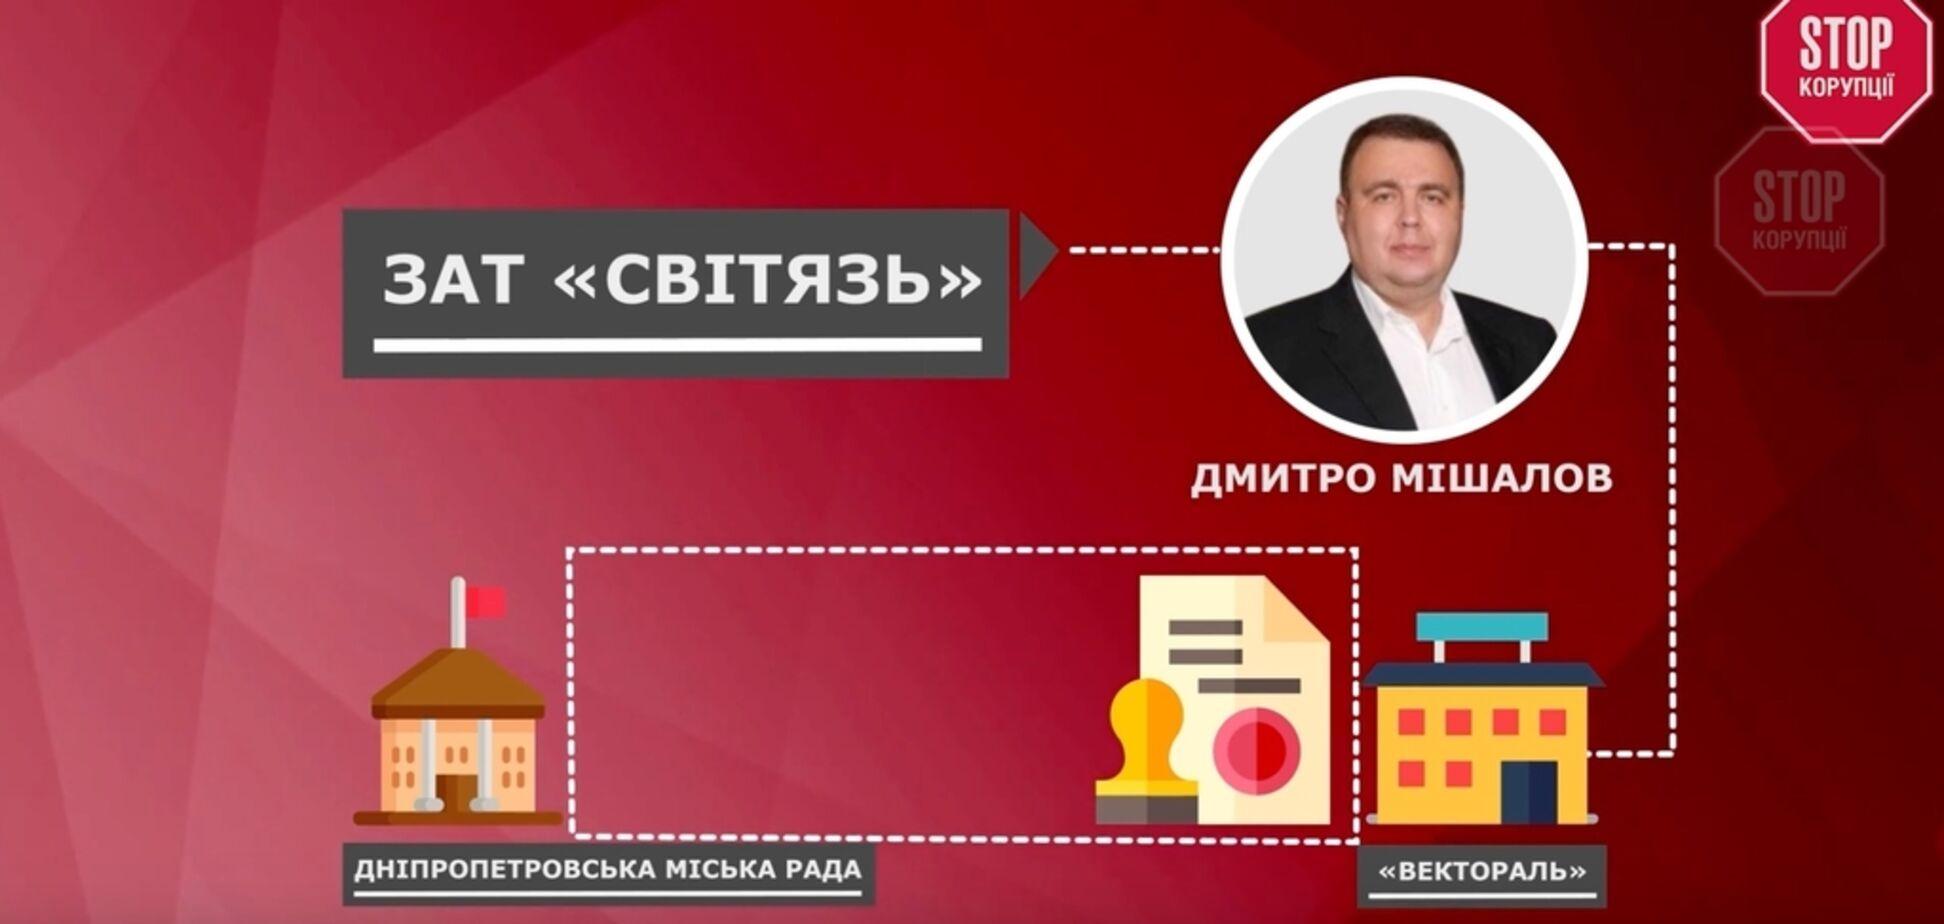 Фірму батька депутата звинуватили у розкраданні бюджету